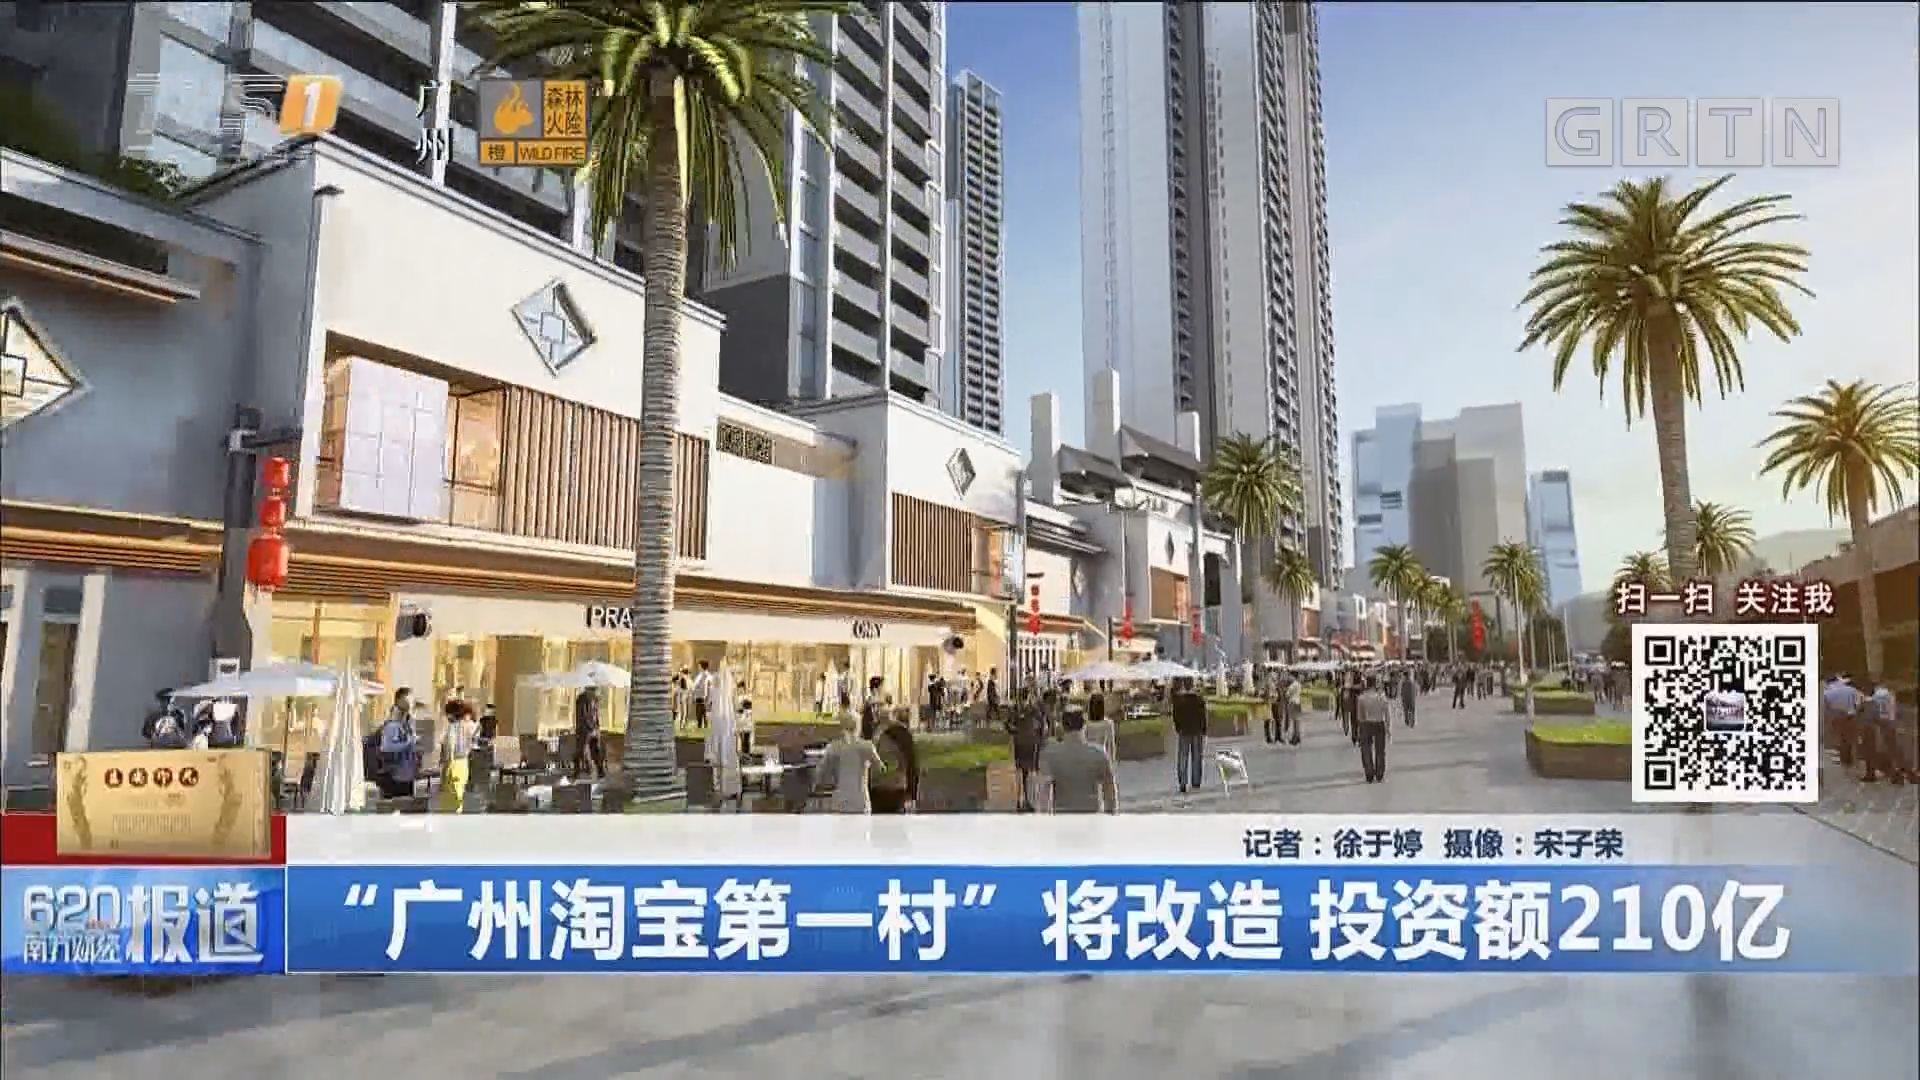 """""""广州淘宝第一村"""" 将改造 投资额210亿"""